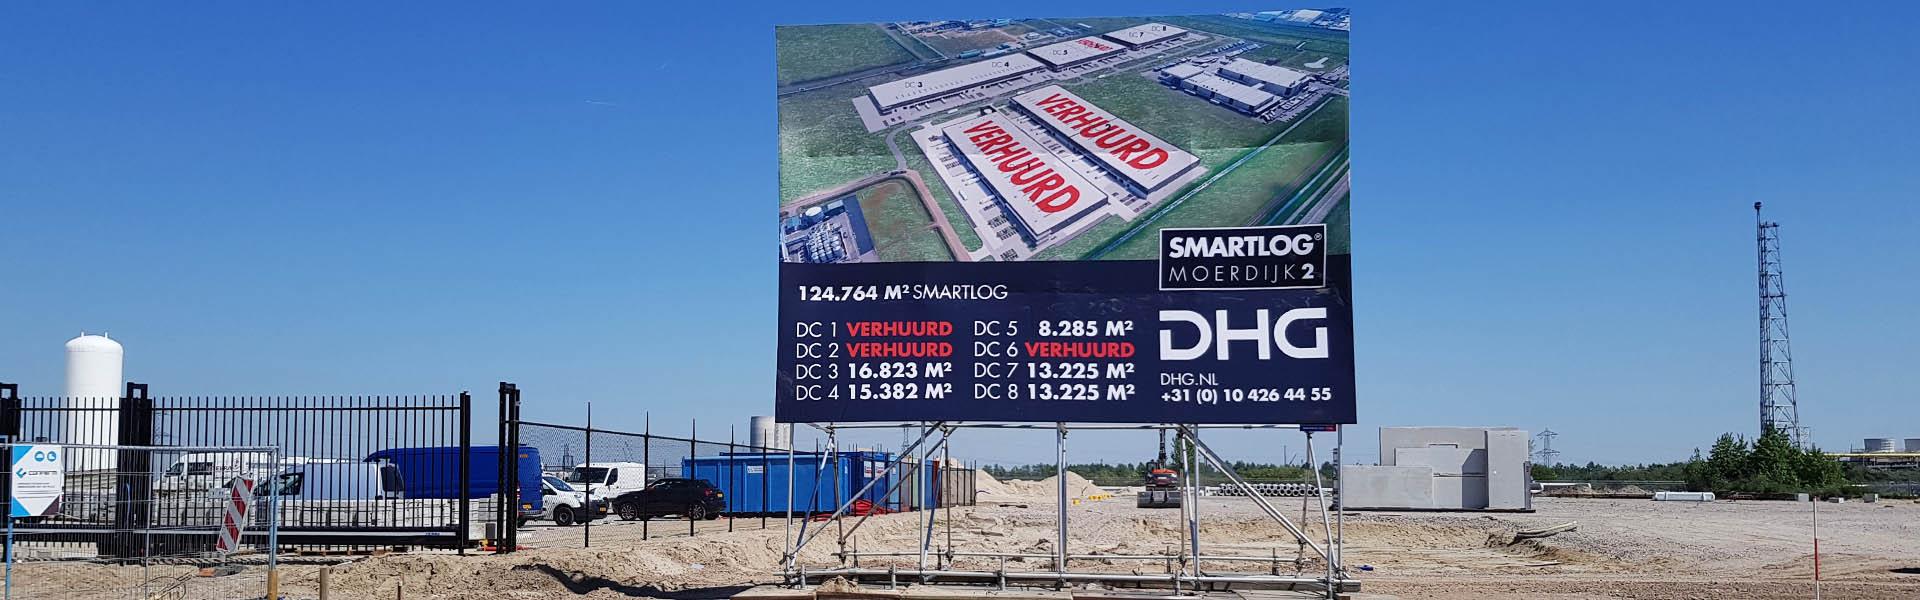 Blindframe - DHG - Image Building